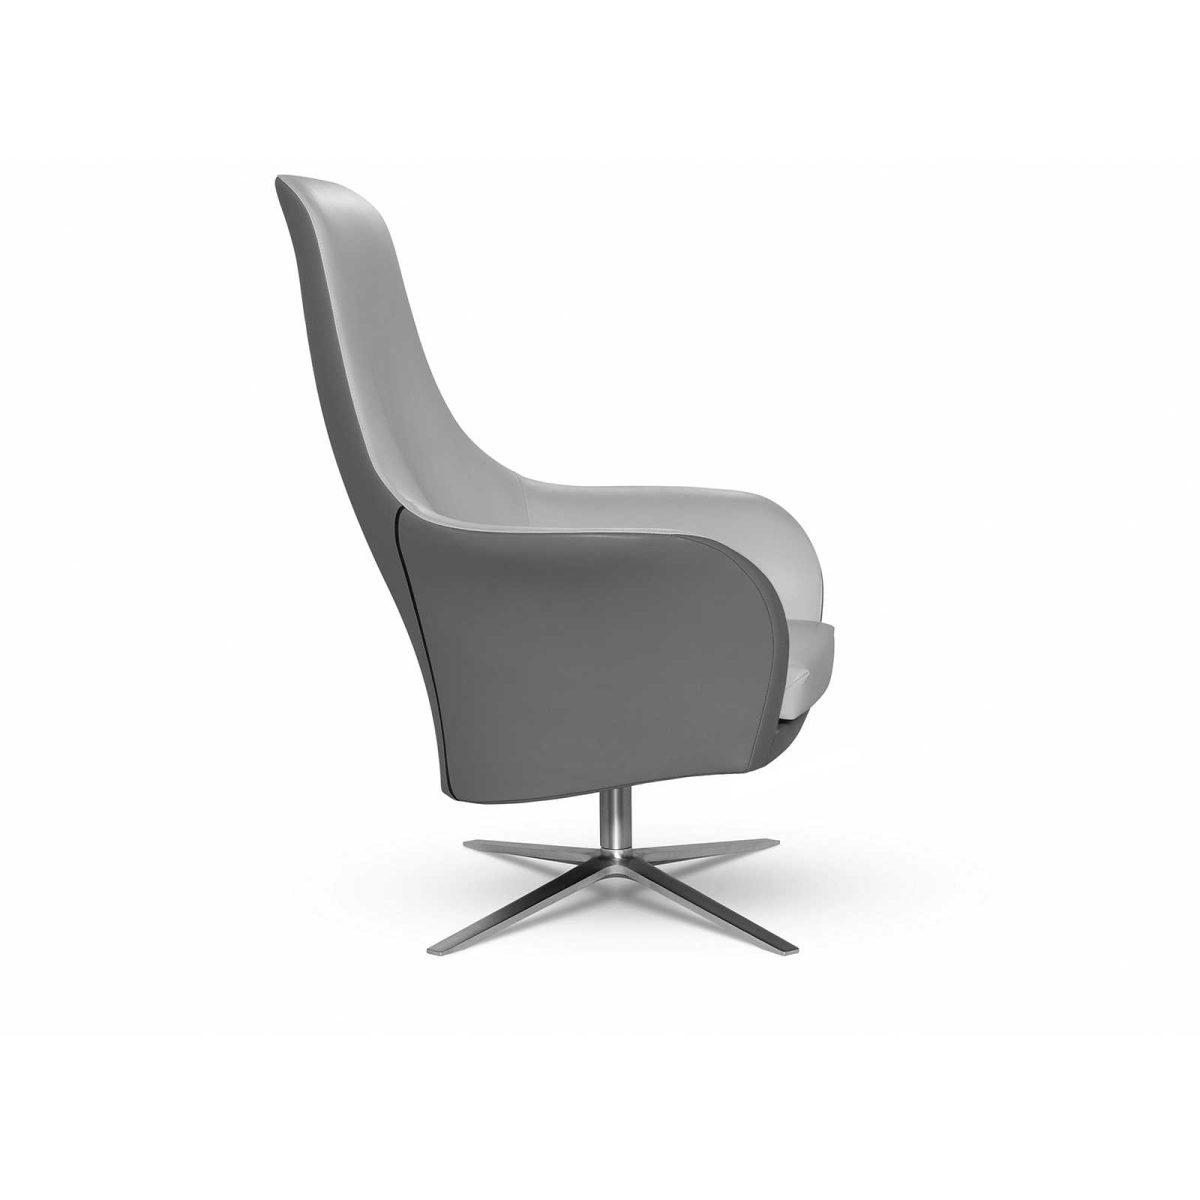 Moderner Sessel - MARVIN - MONTIS - Stoff / Leder / mit Fußstütze